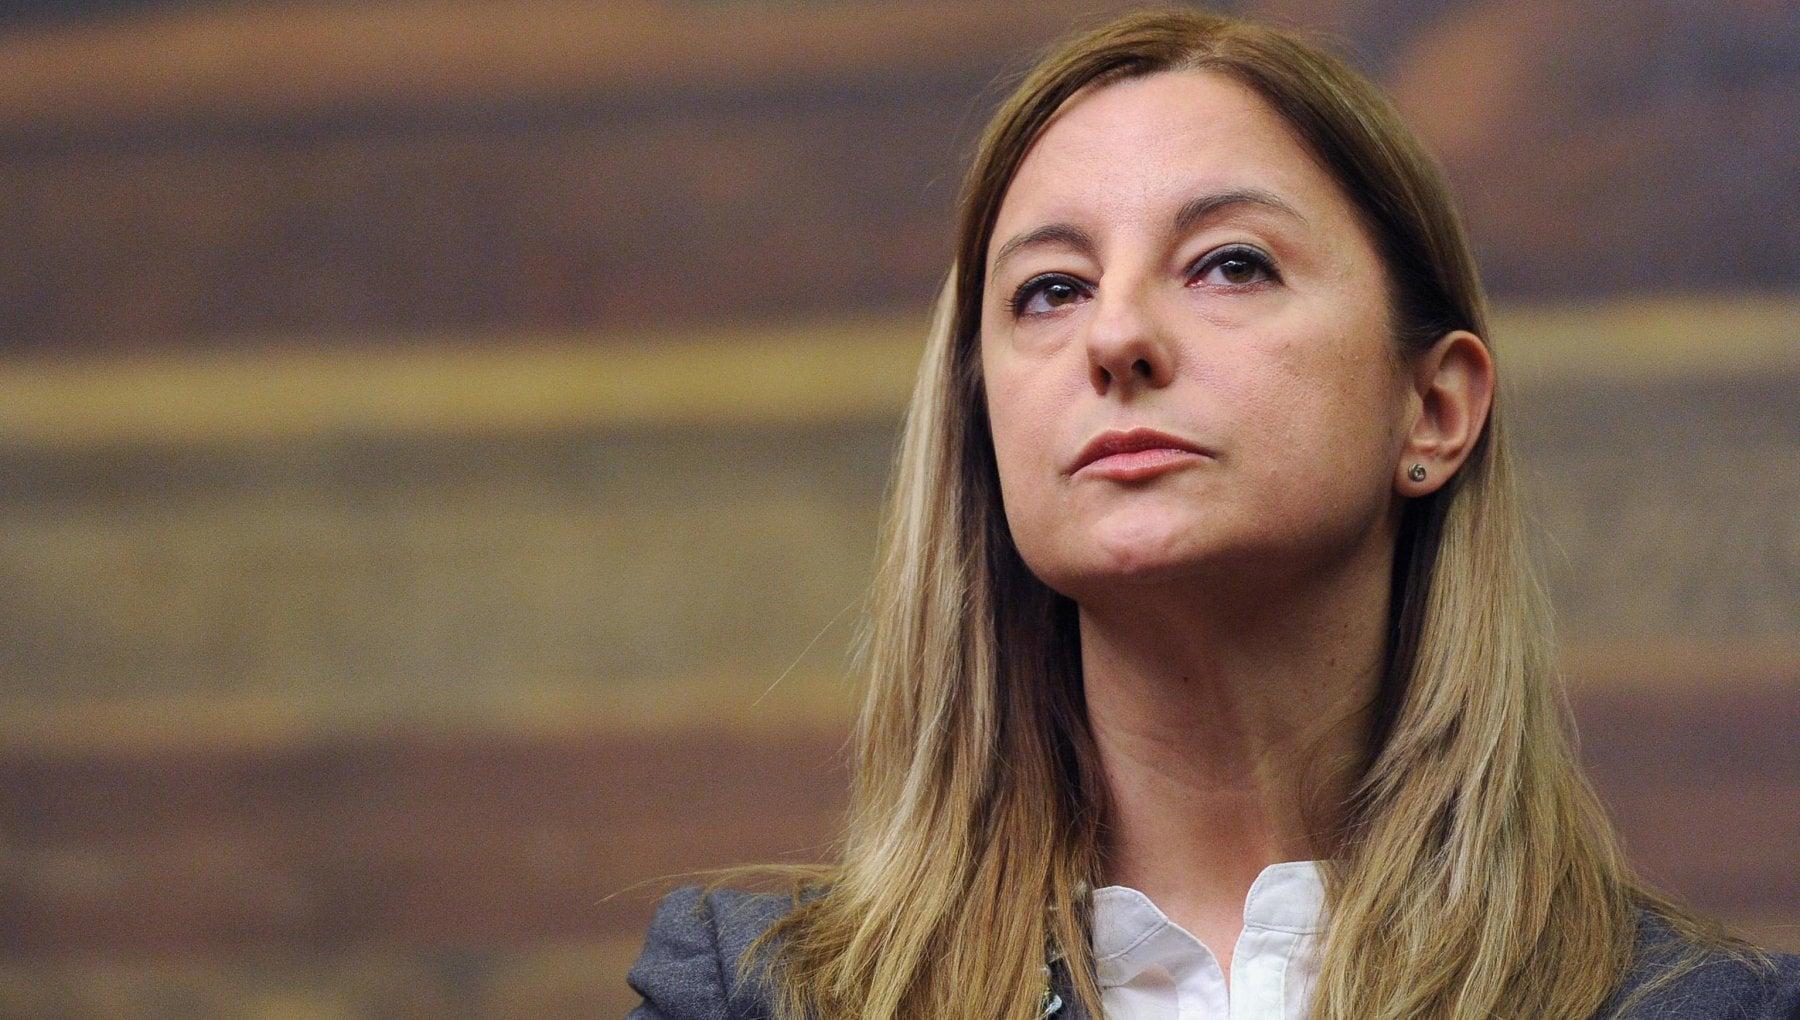 M5S Roberta Lombardi contro Di Battista Alessandro egoista pensa ai suoi voti non alla base